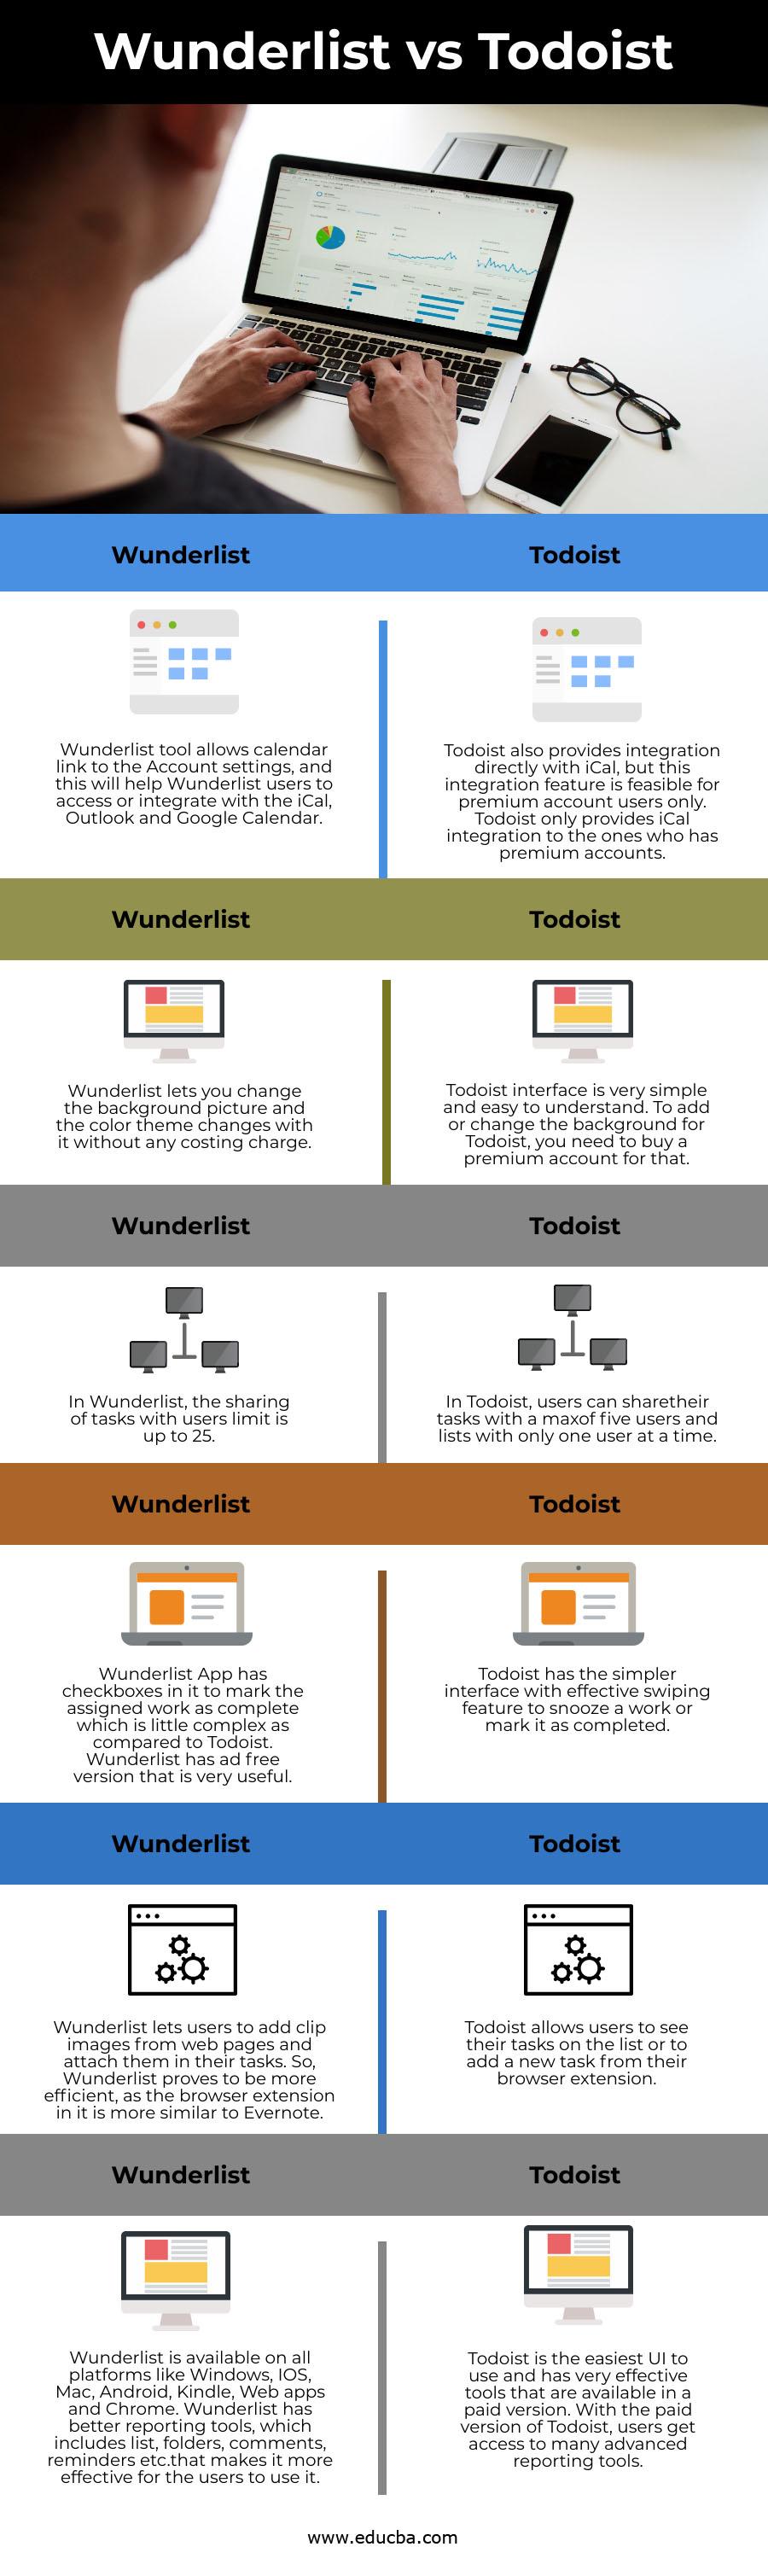 Wunderlist vs Todoist info